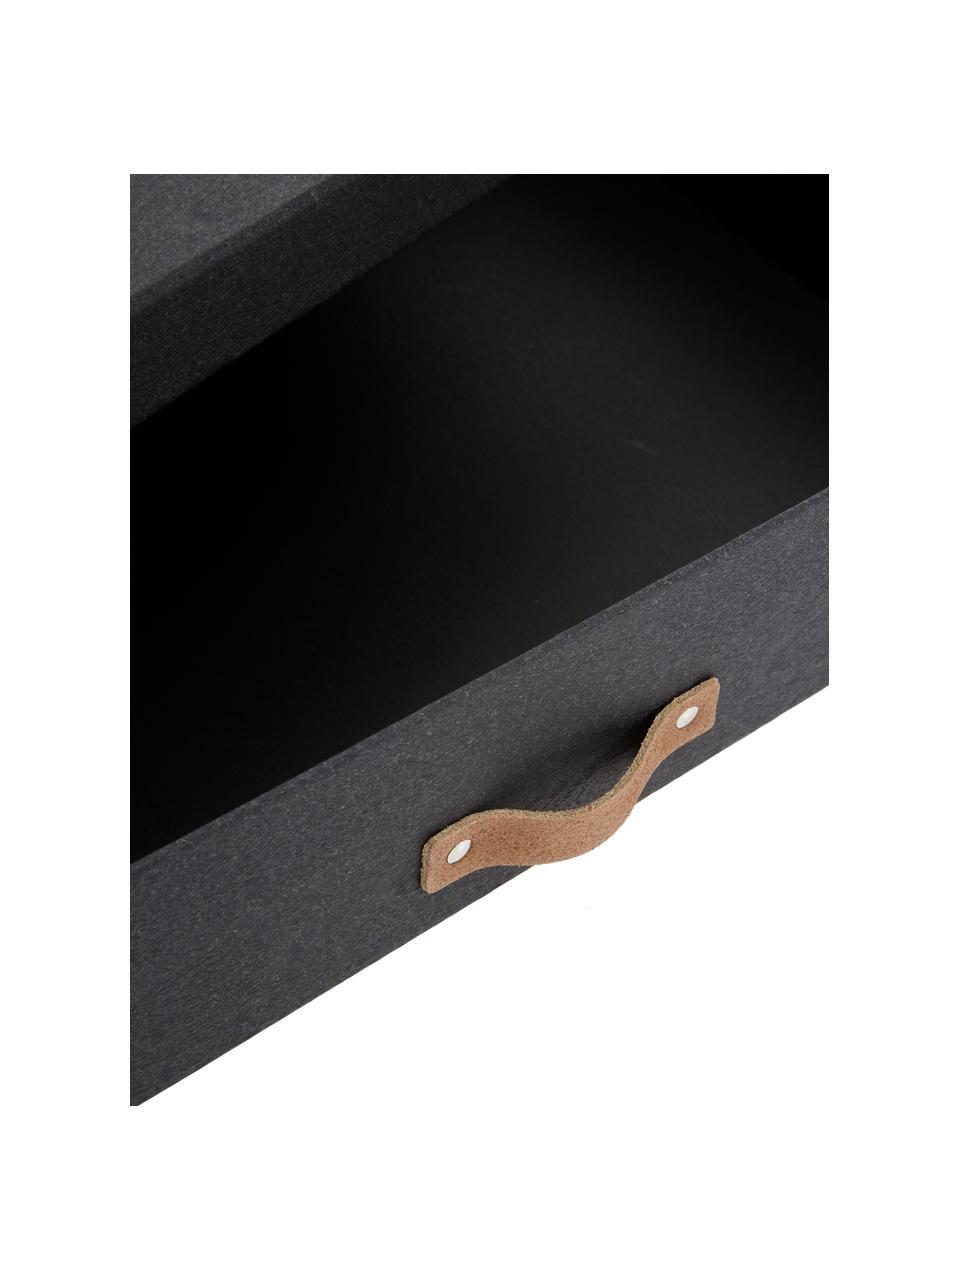 Pudełko do przechowywania Sverker II, Pudełko na zewnątrz: czarny Pudełko wewnątrz: czarny Uchwyt: beżowy, S 44 x W 9 cm